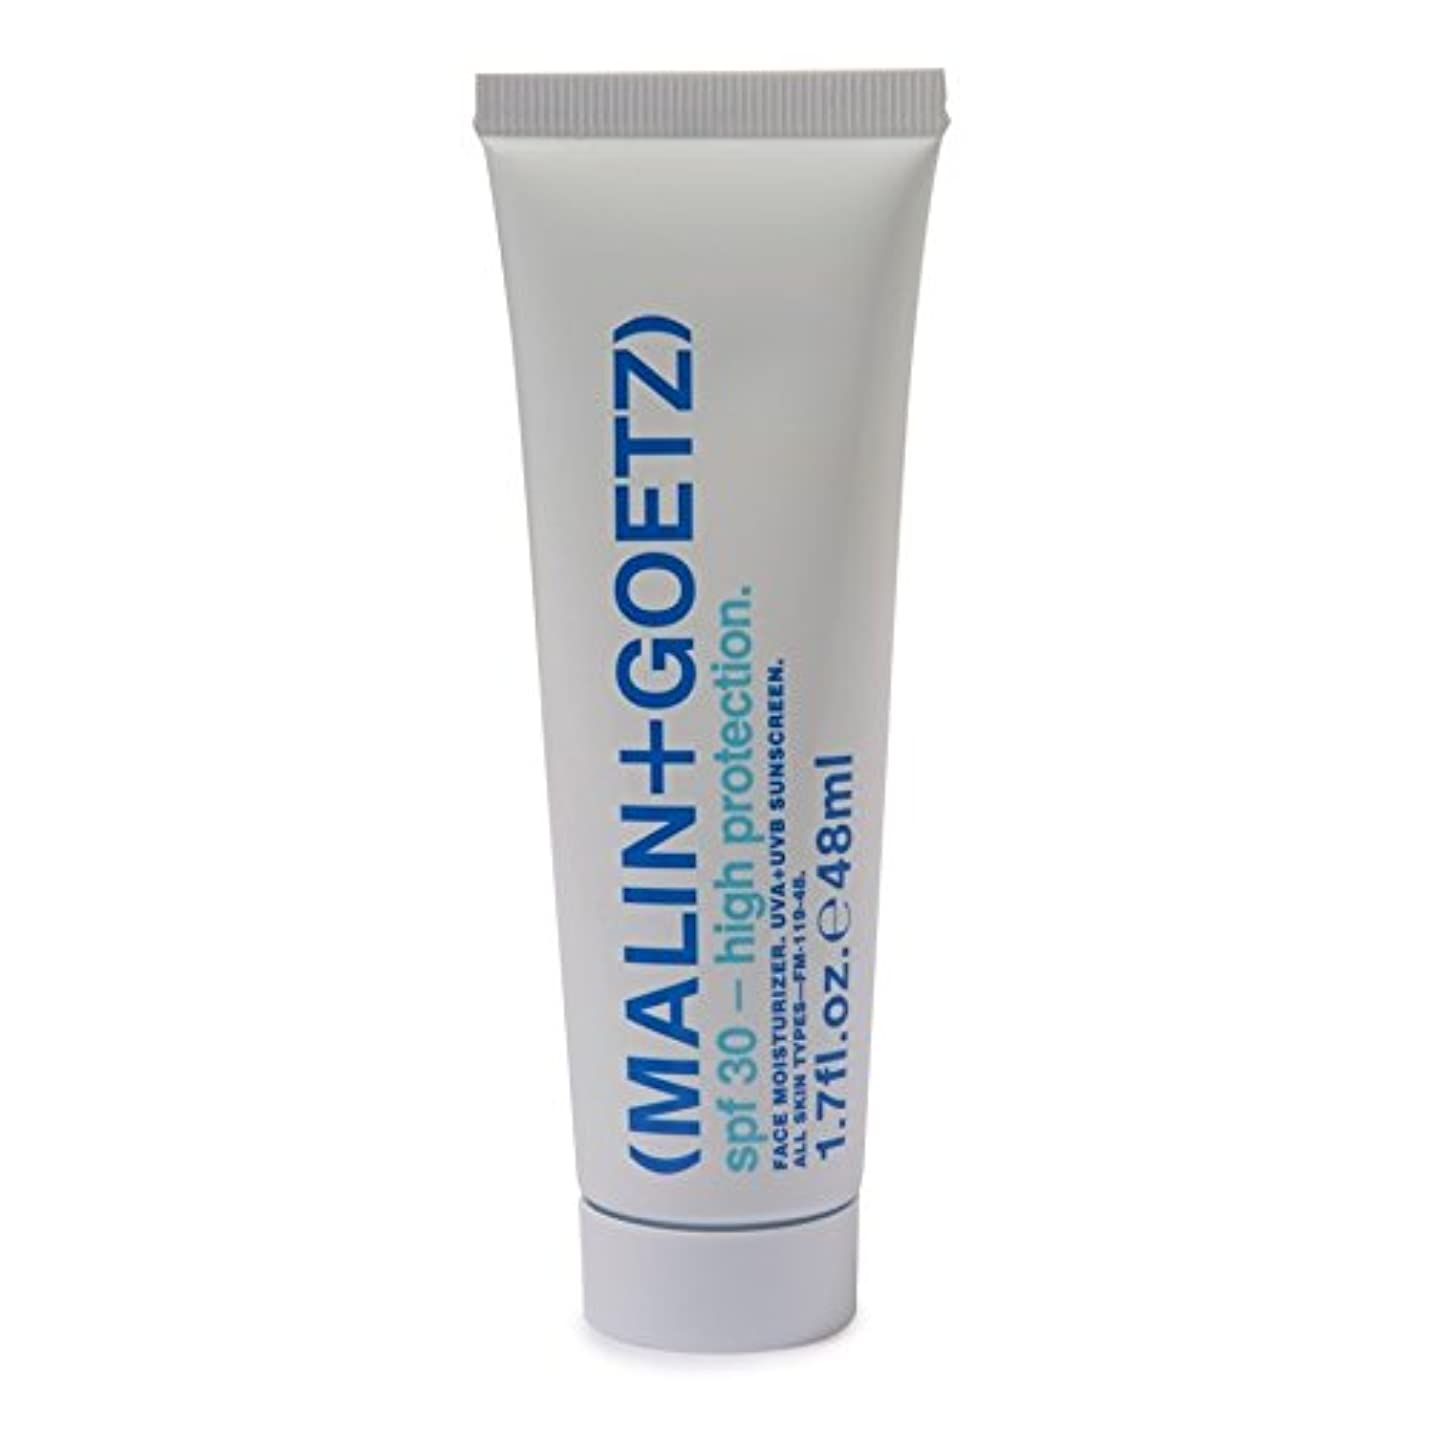 放射性遊び場展開するマリン+ゲッツ顔の保湿剤の 30 48ミリリットル x2 - MALIN+GOETZ Face Moisturiser SPF 30 48ml (Pack of 2) [並行輸入品]